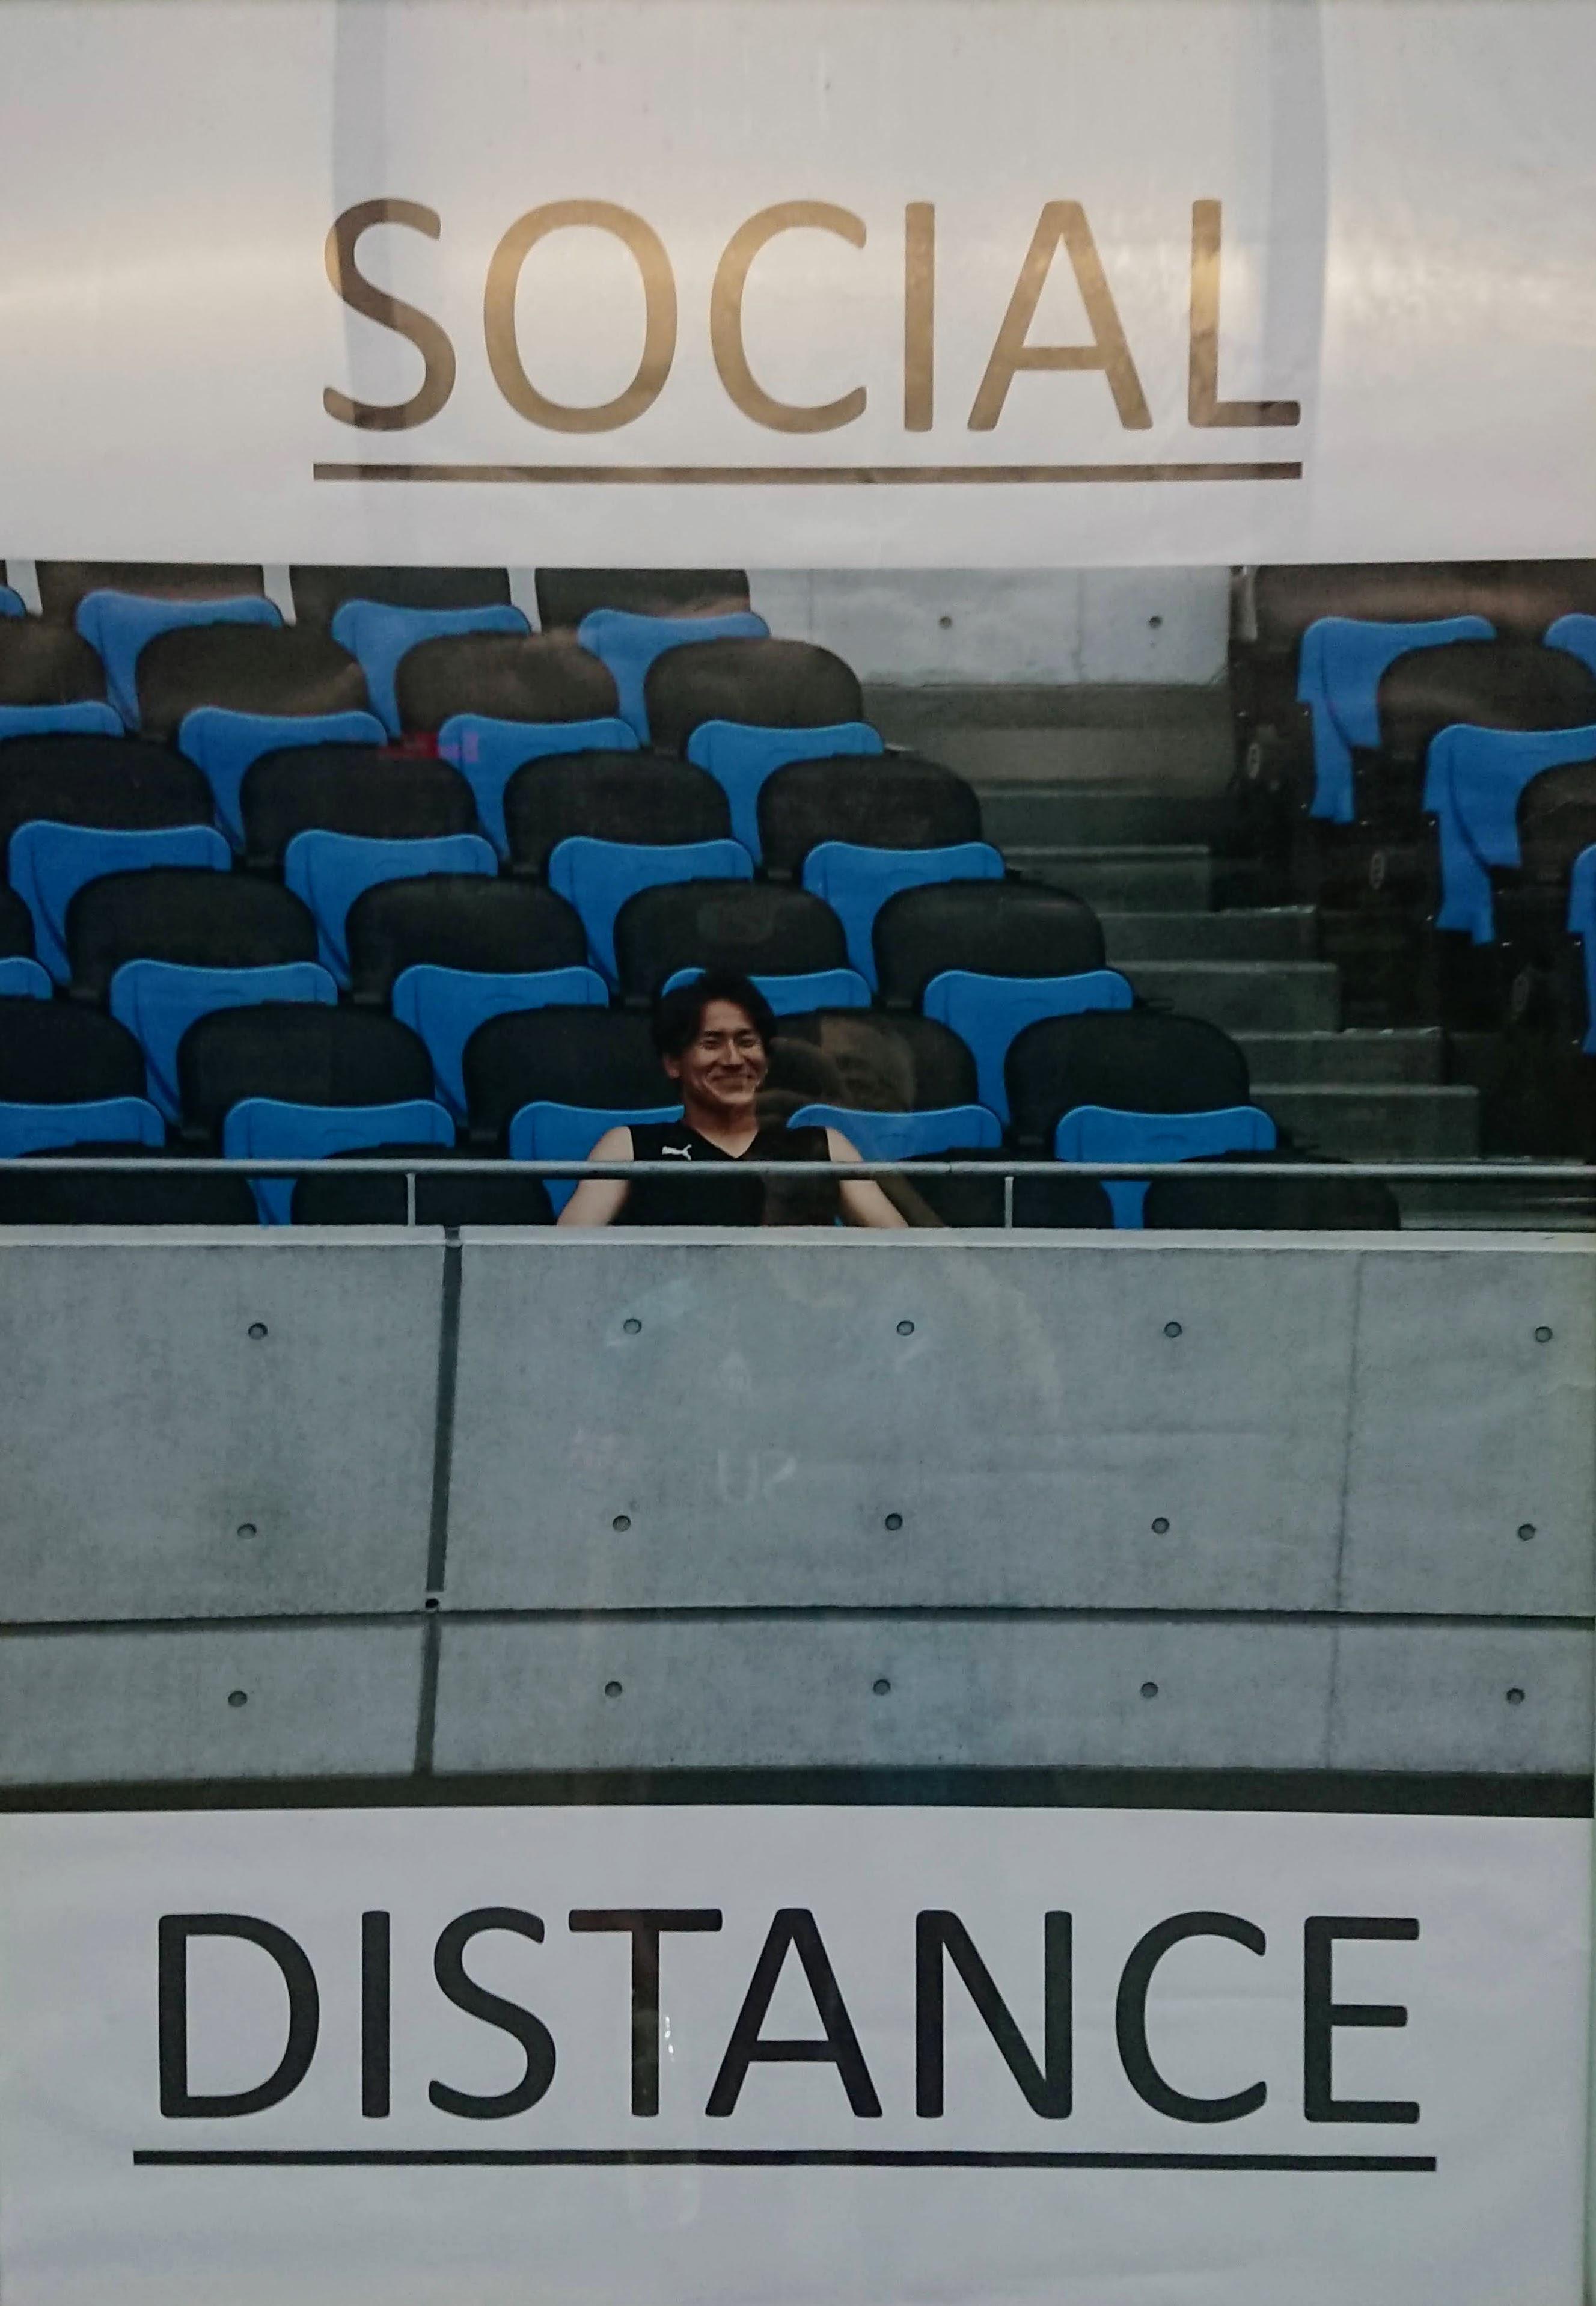 [写真]登里が一人でスタジアムのシートに座る「SOCIAL DISTANCE」のポスター